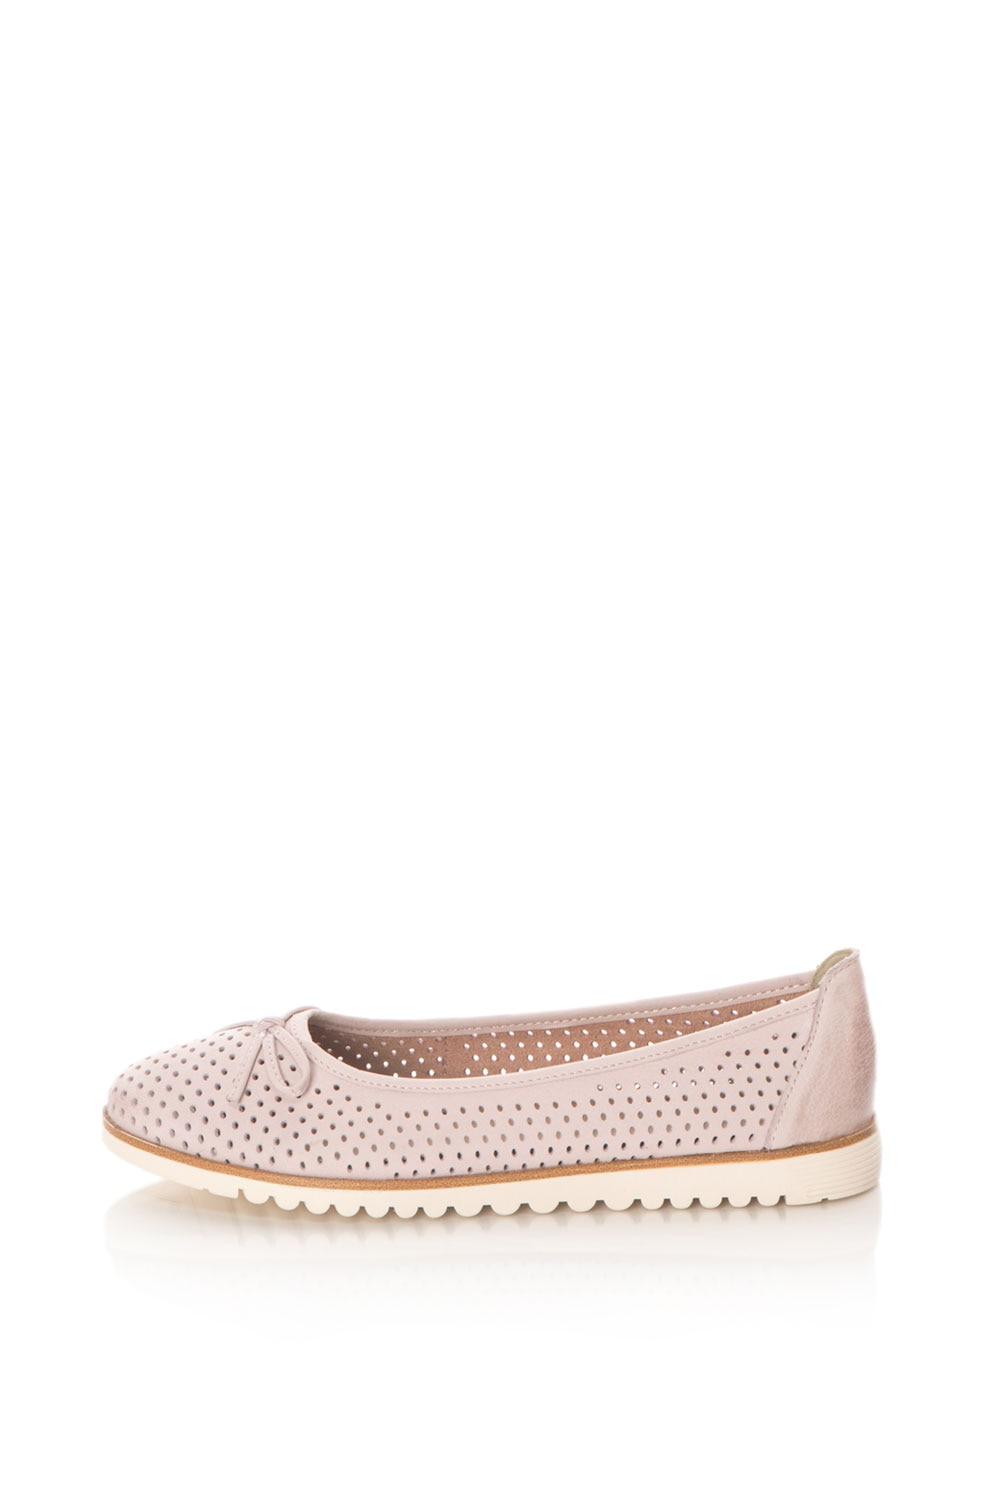 Tamaris, Bőr balerina cipő perforált hatással, halvány rózsaszín, 41